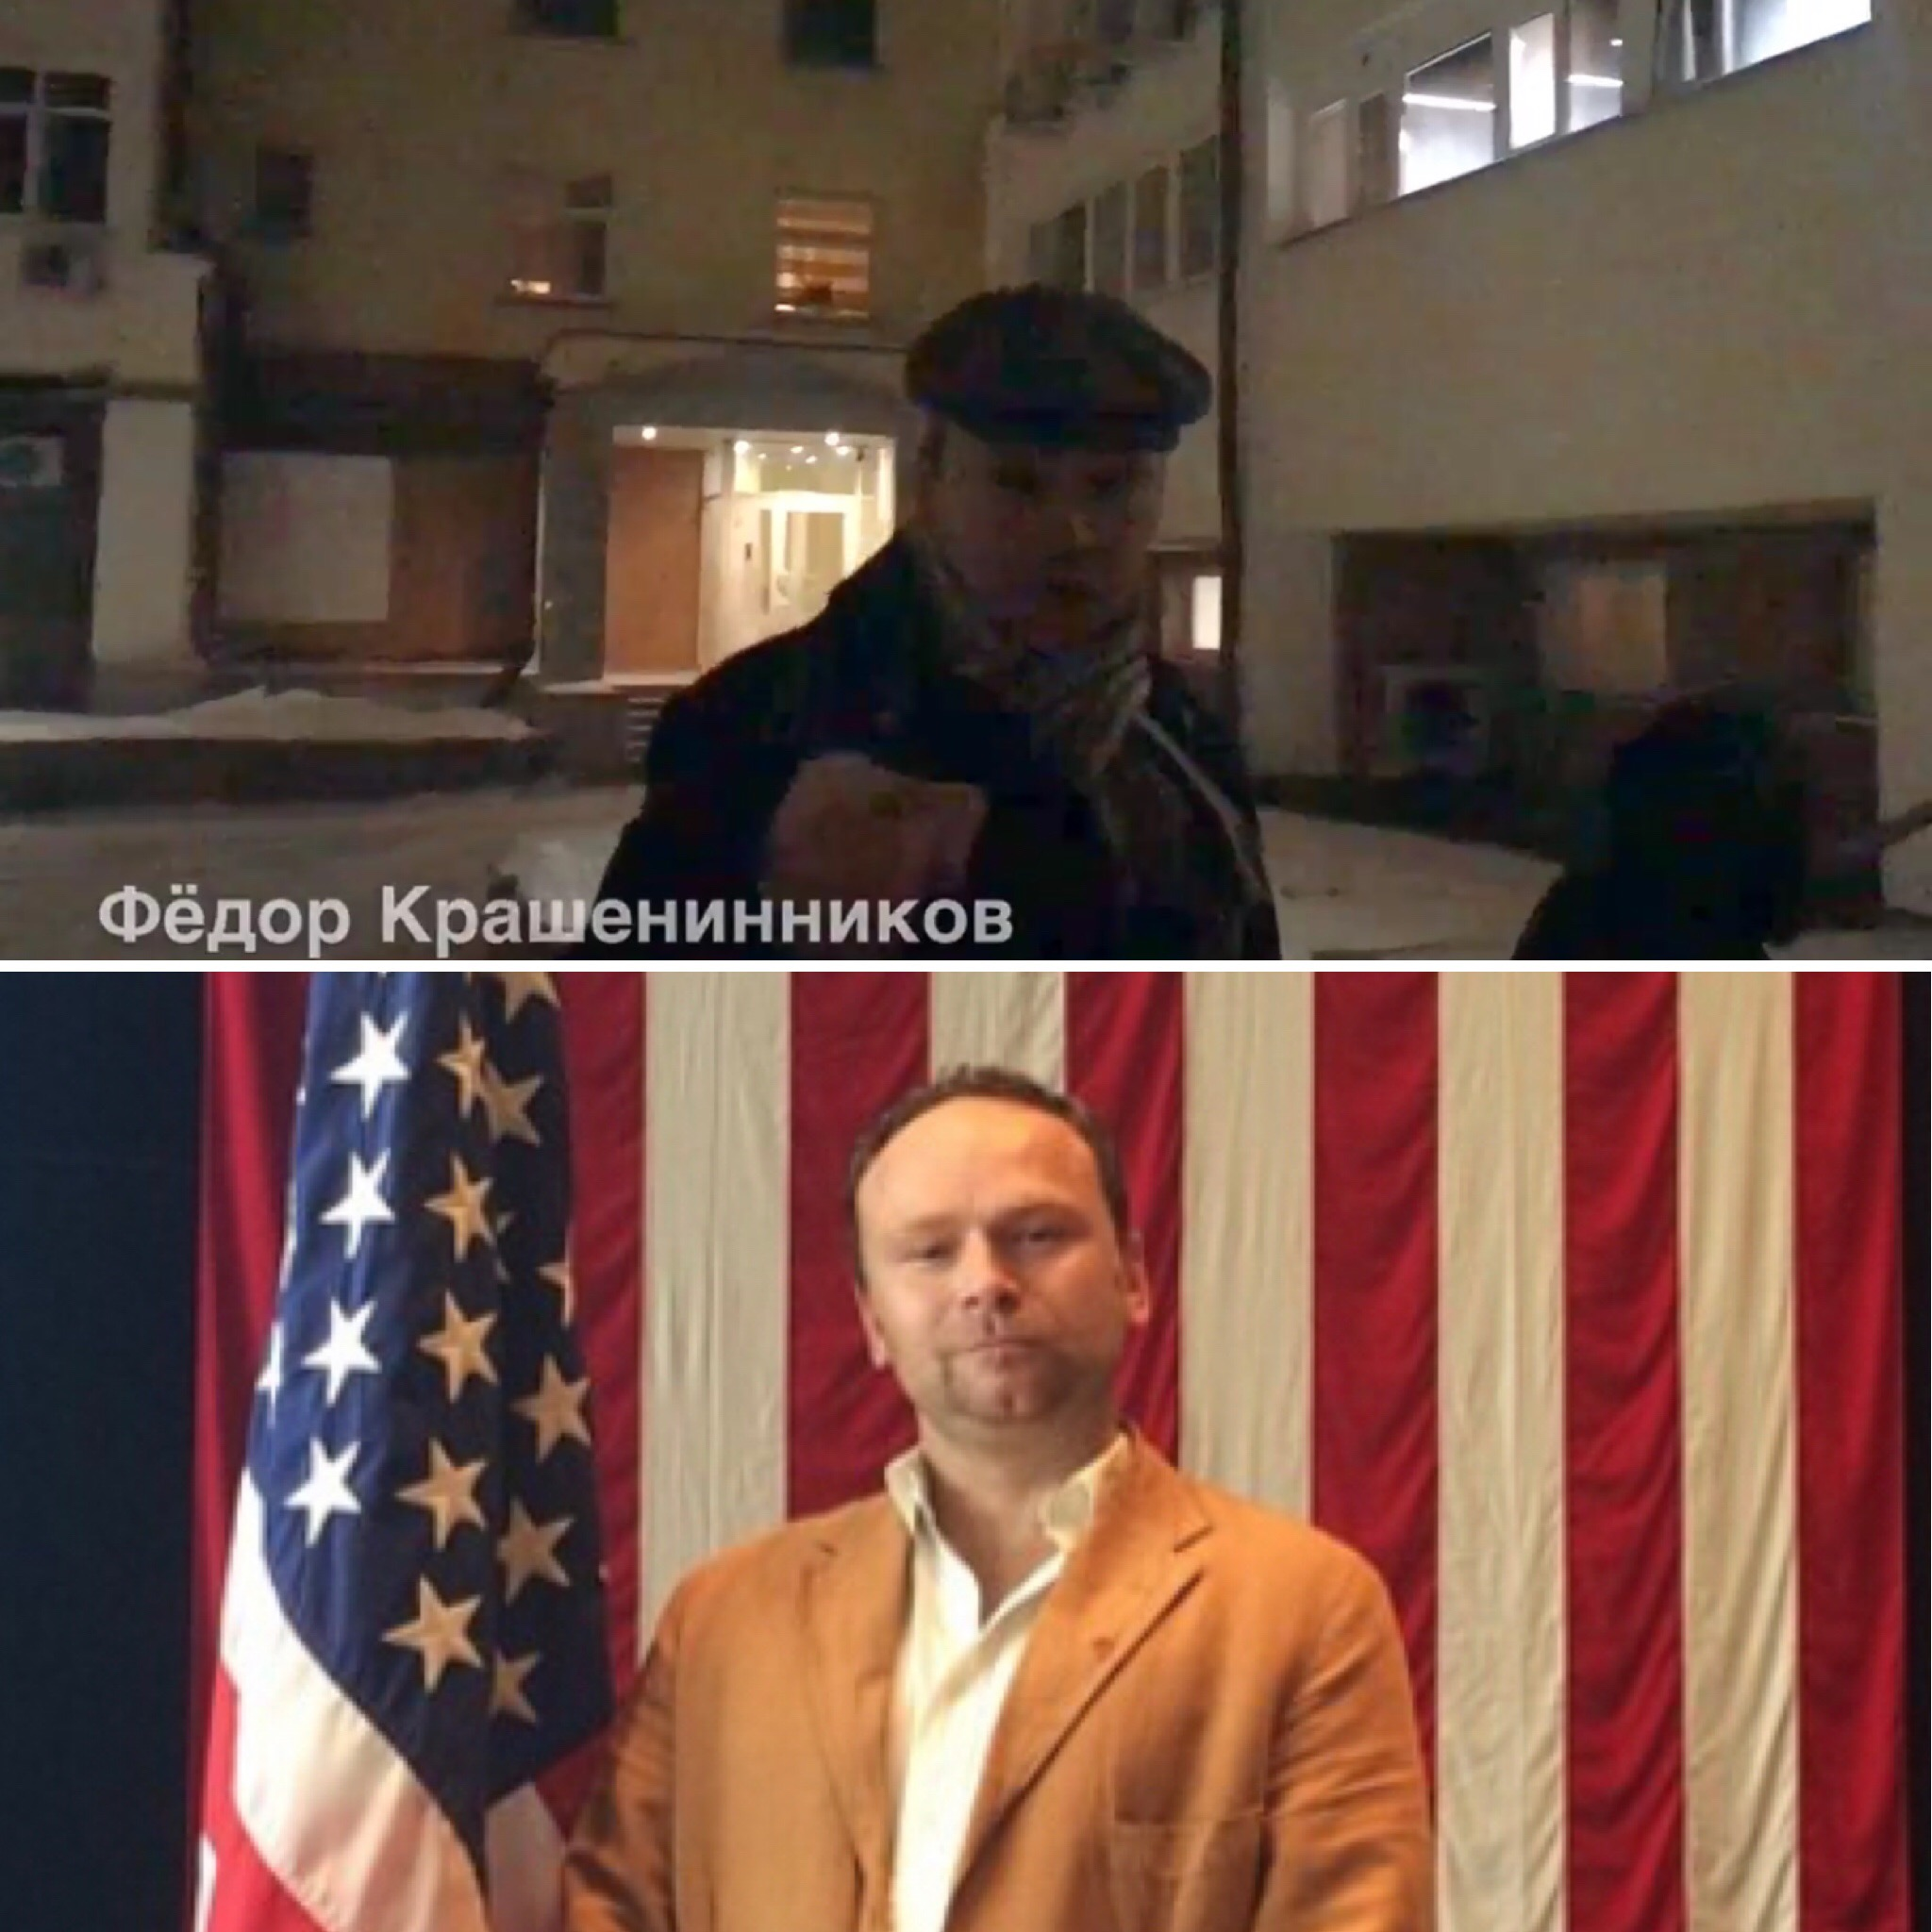 fyodor krasheninnikov prishel k konsulu karteru v gosti na rozhdestvo